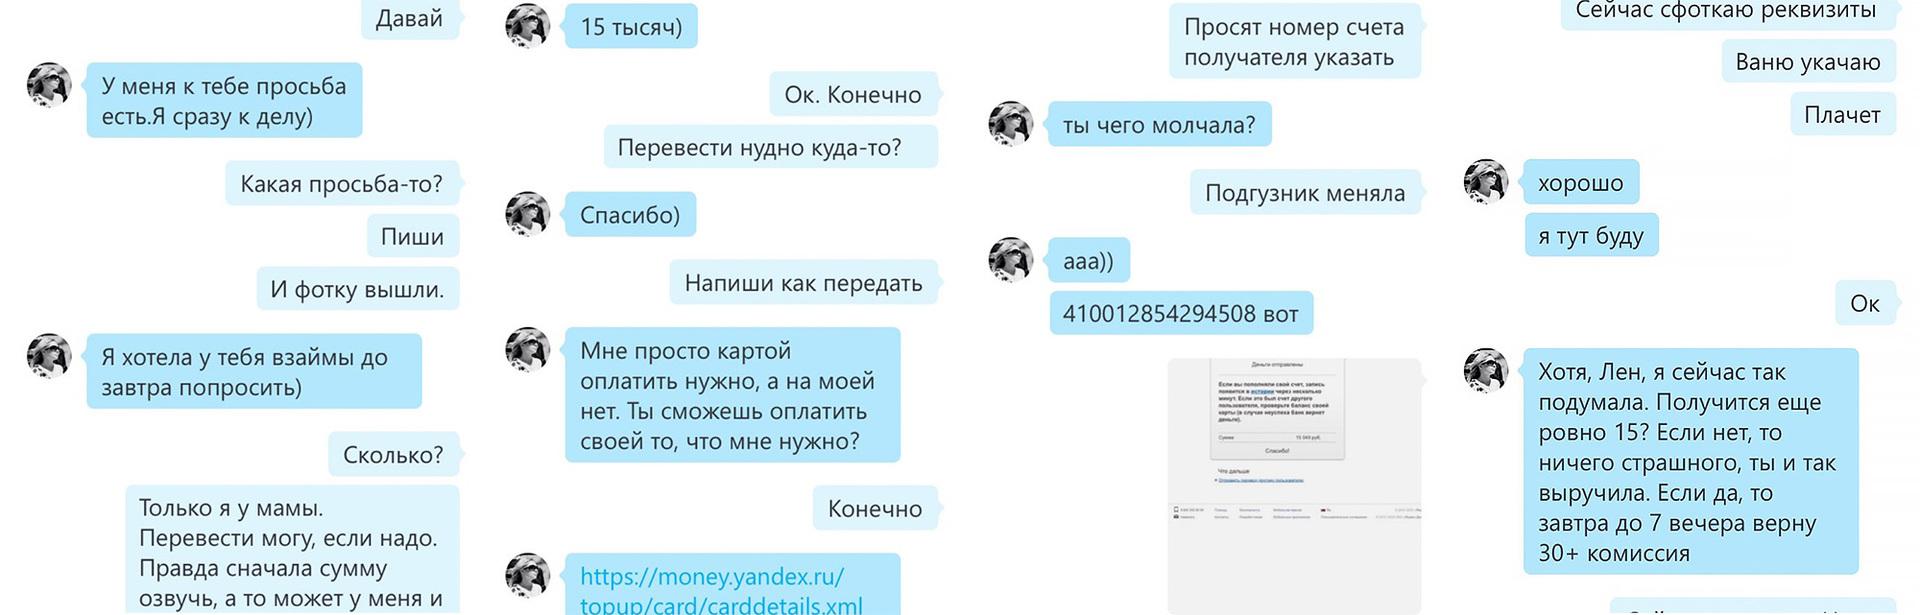 Девушка показывает веб скайп — photo 8